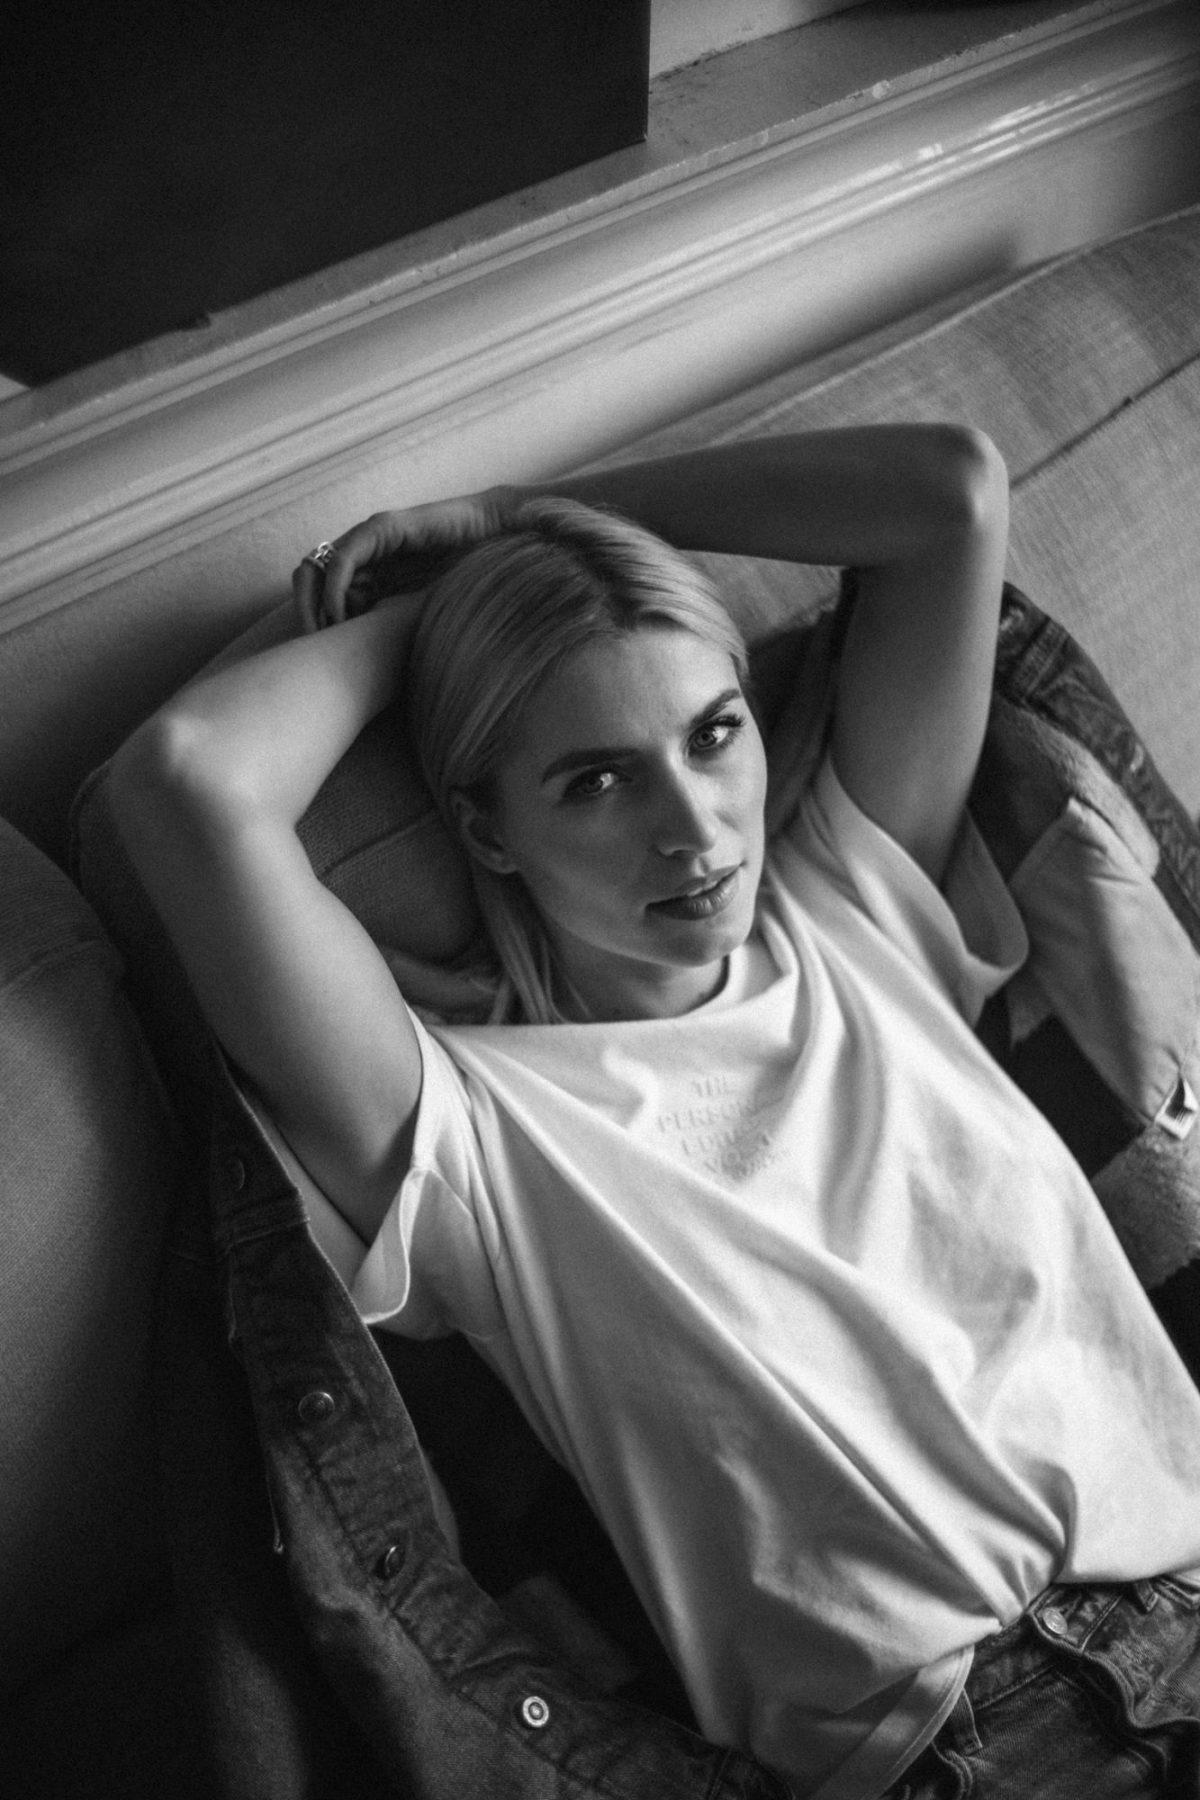 Lena Gercke by Andre Josselin